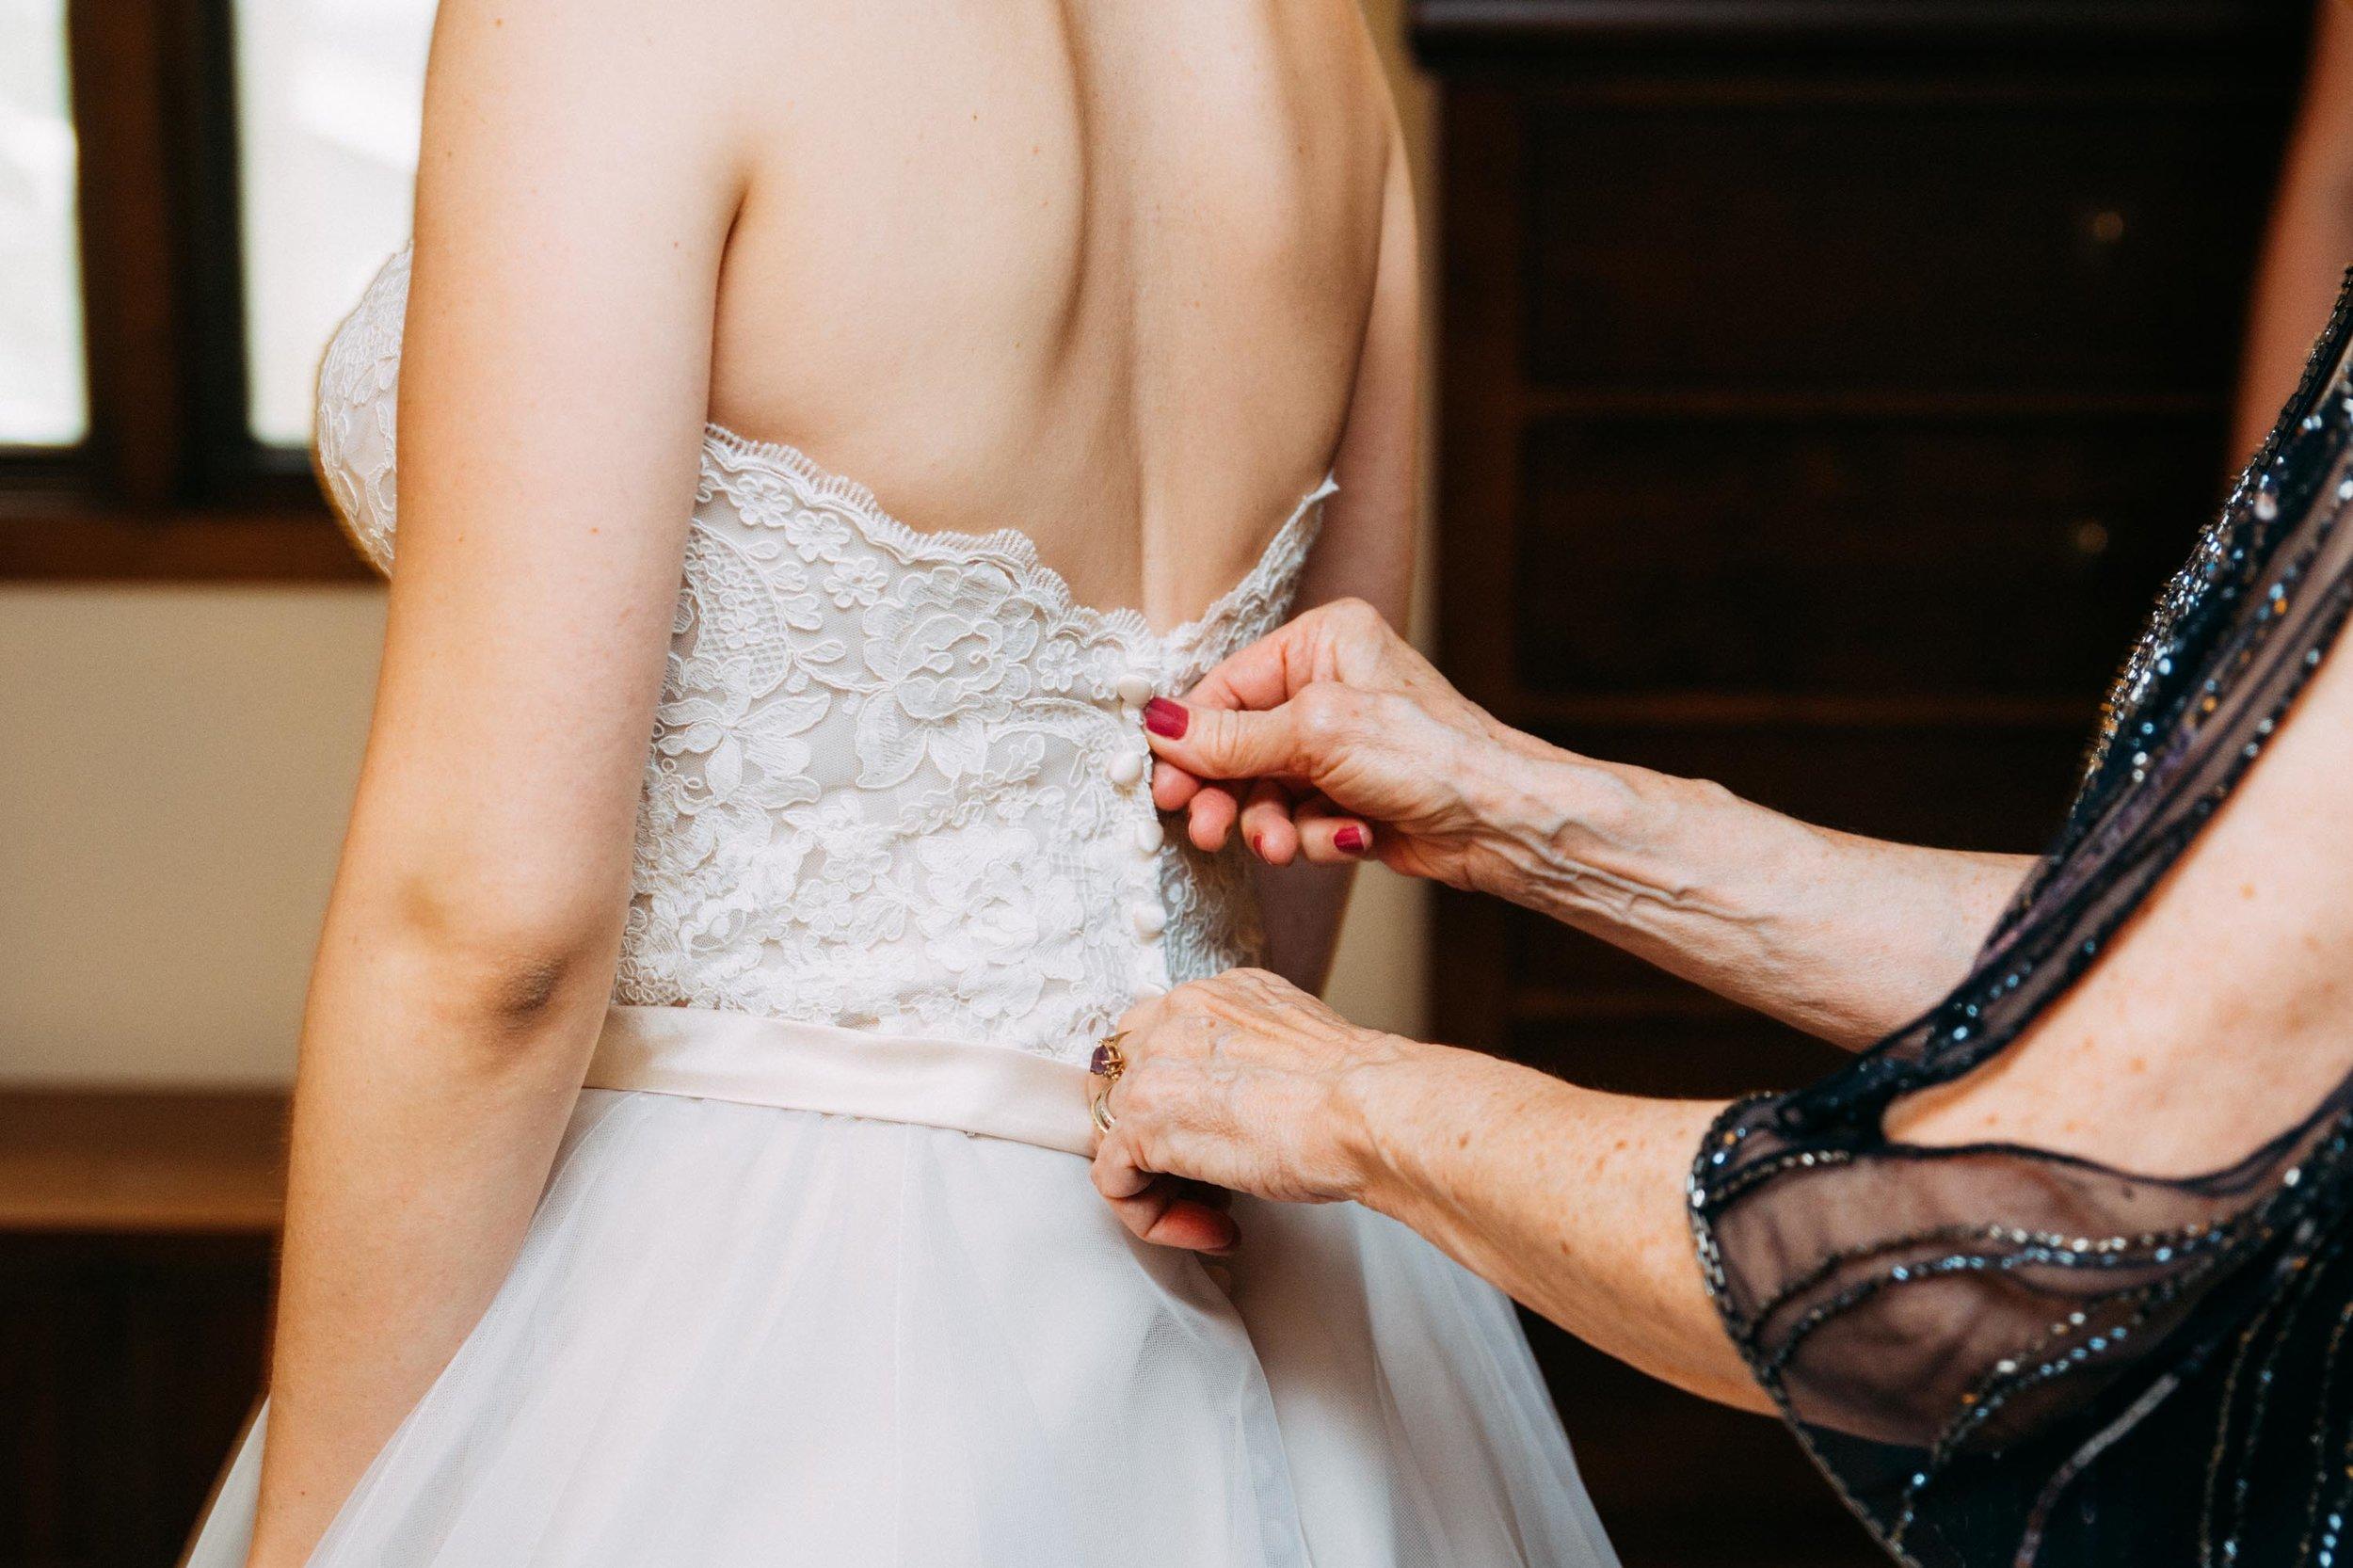 2-Sara_Tom_Getting_Ready_Wedding.jpg